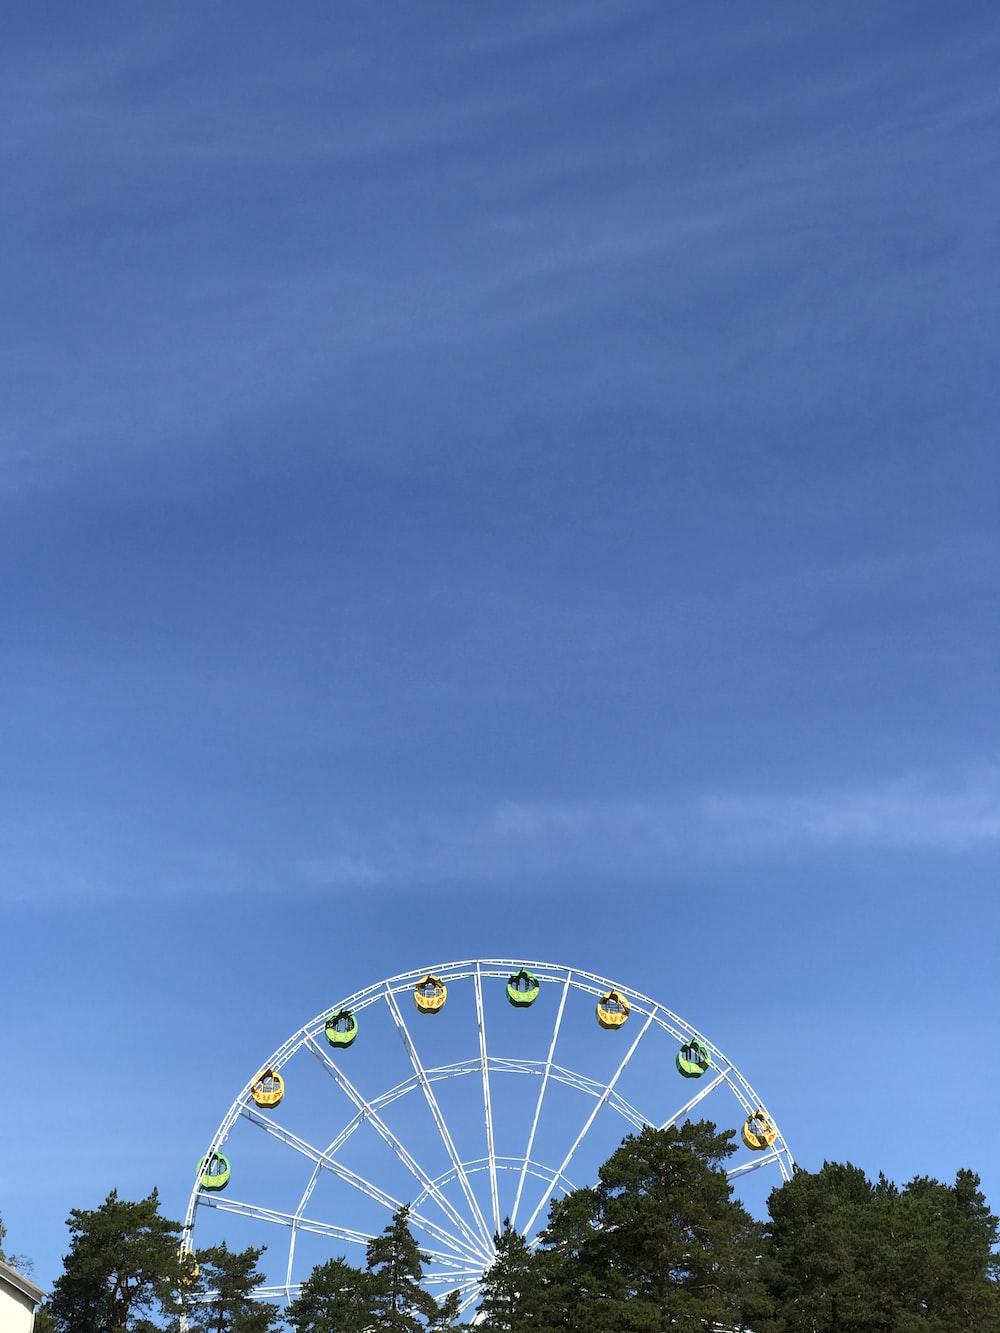 ferris wheel scenery